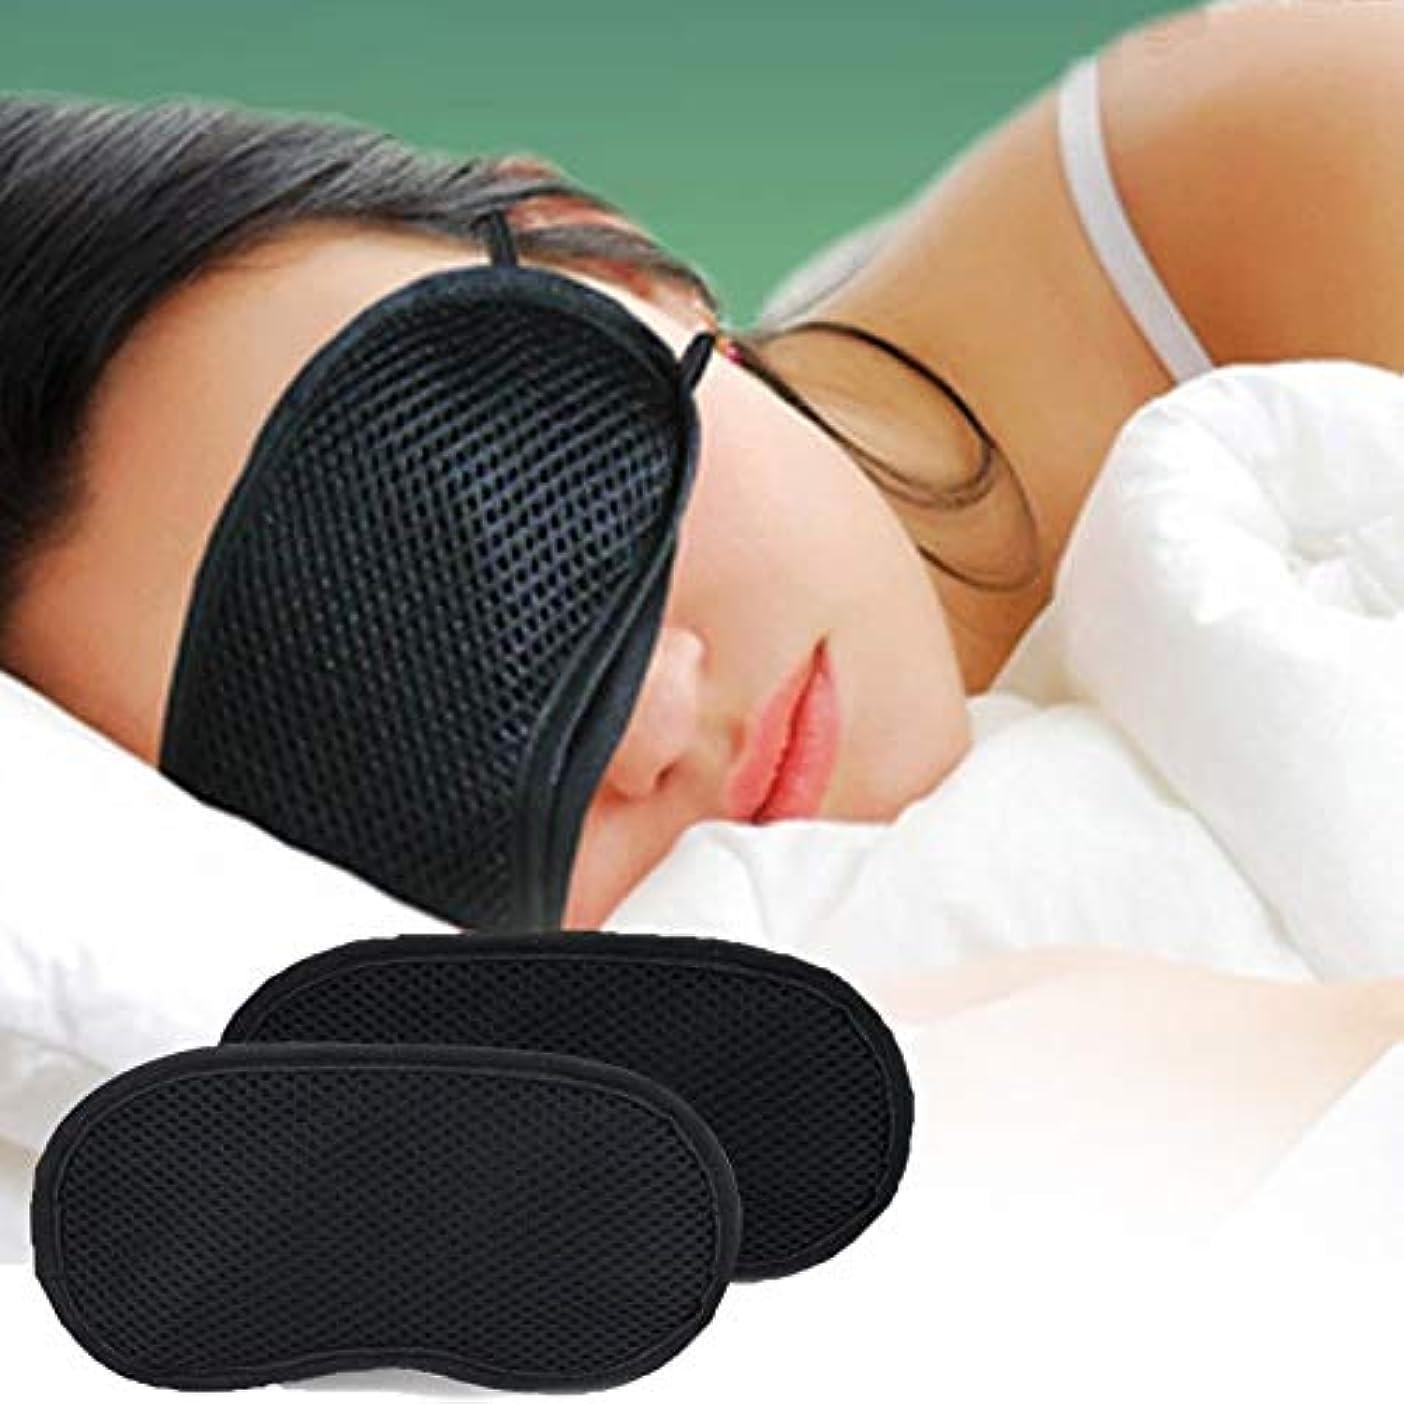 摩擦遠洋の不確実NOTE 竹炭睡眠アイマスク用旅行残りの長さ調節可能な睡眠補助目隠し包帯アイパッチギフト用男性女性